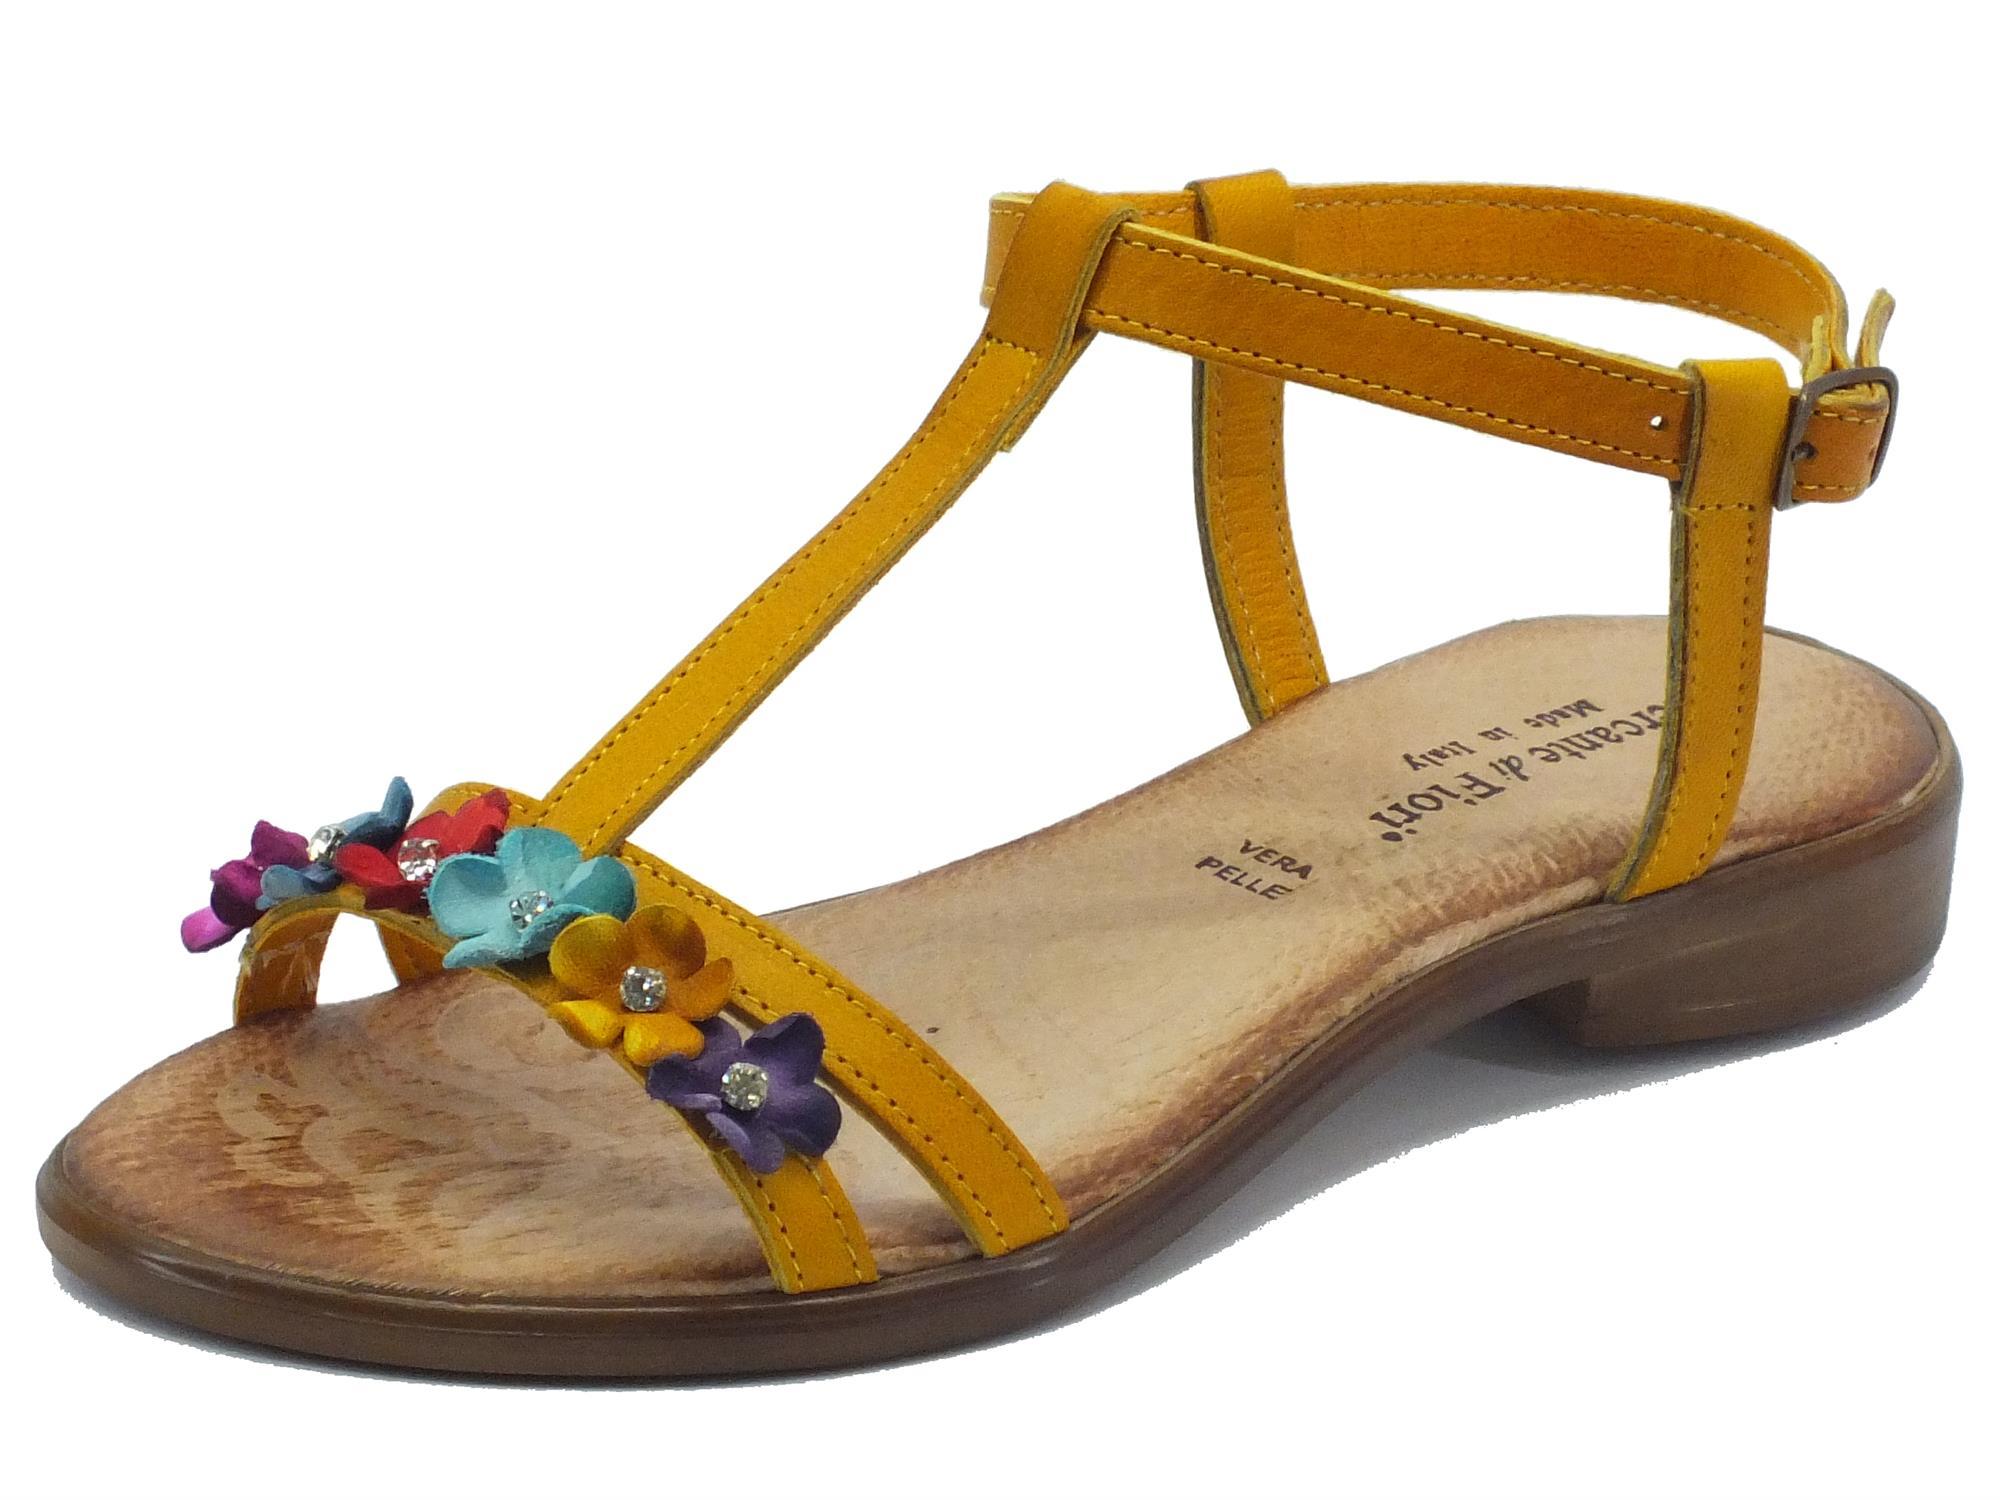 Sandali Mercante di Fiori pelle ocra fiori multicolore - Vitiello ... 69c2be24261